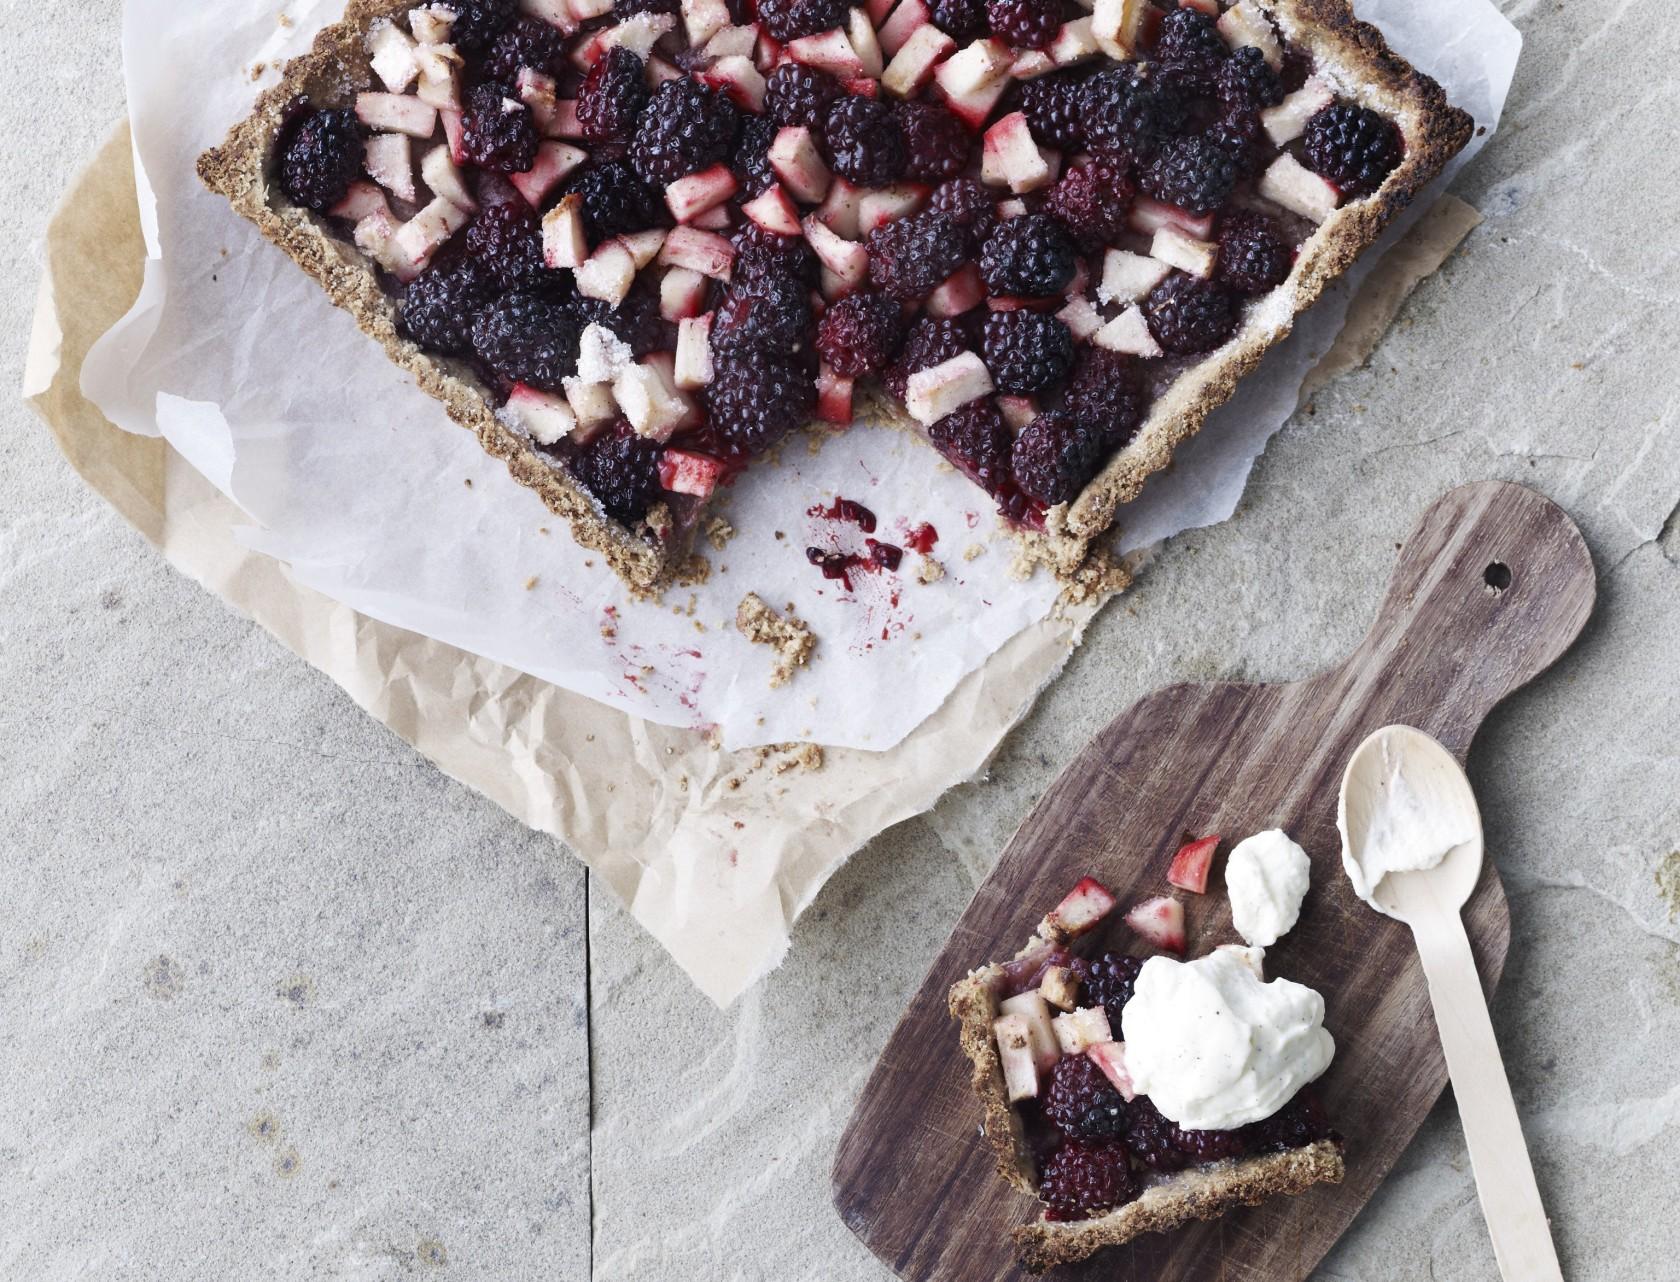 Brombærtærte med vaniljefløde - virkelig lækker opskrift!